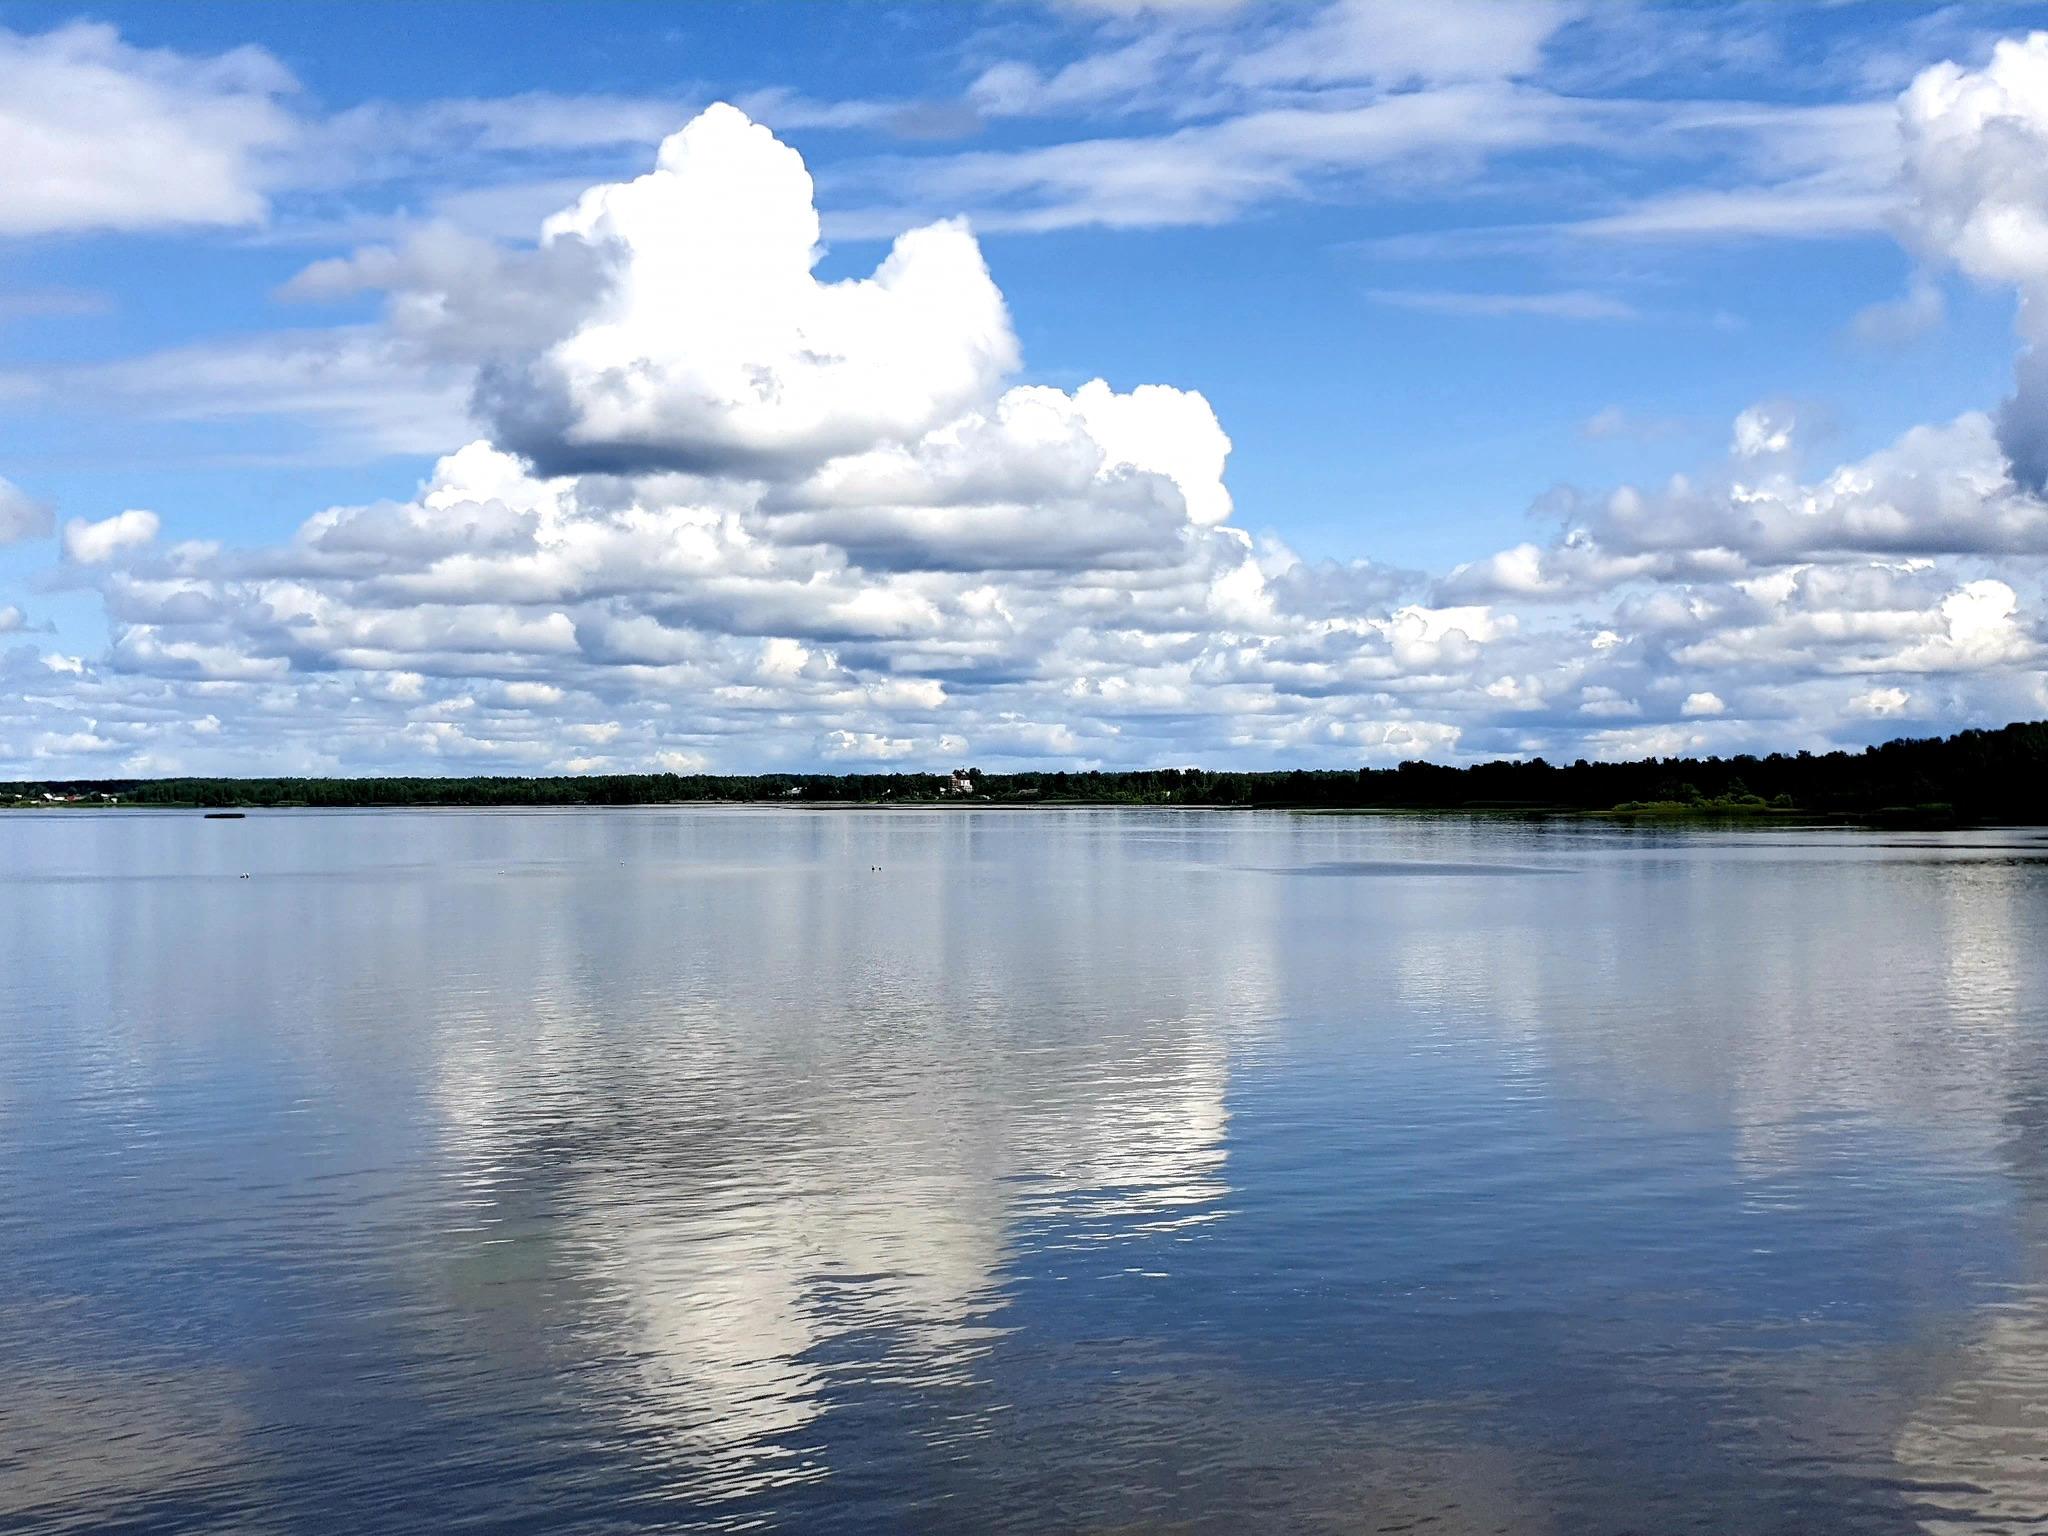 озеро белое артемовский район рыбалка